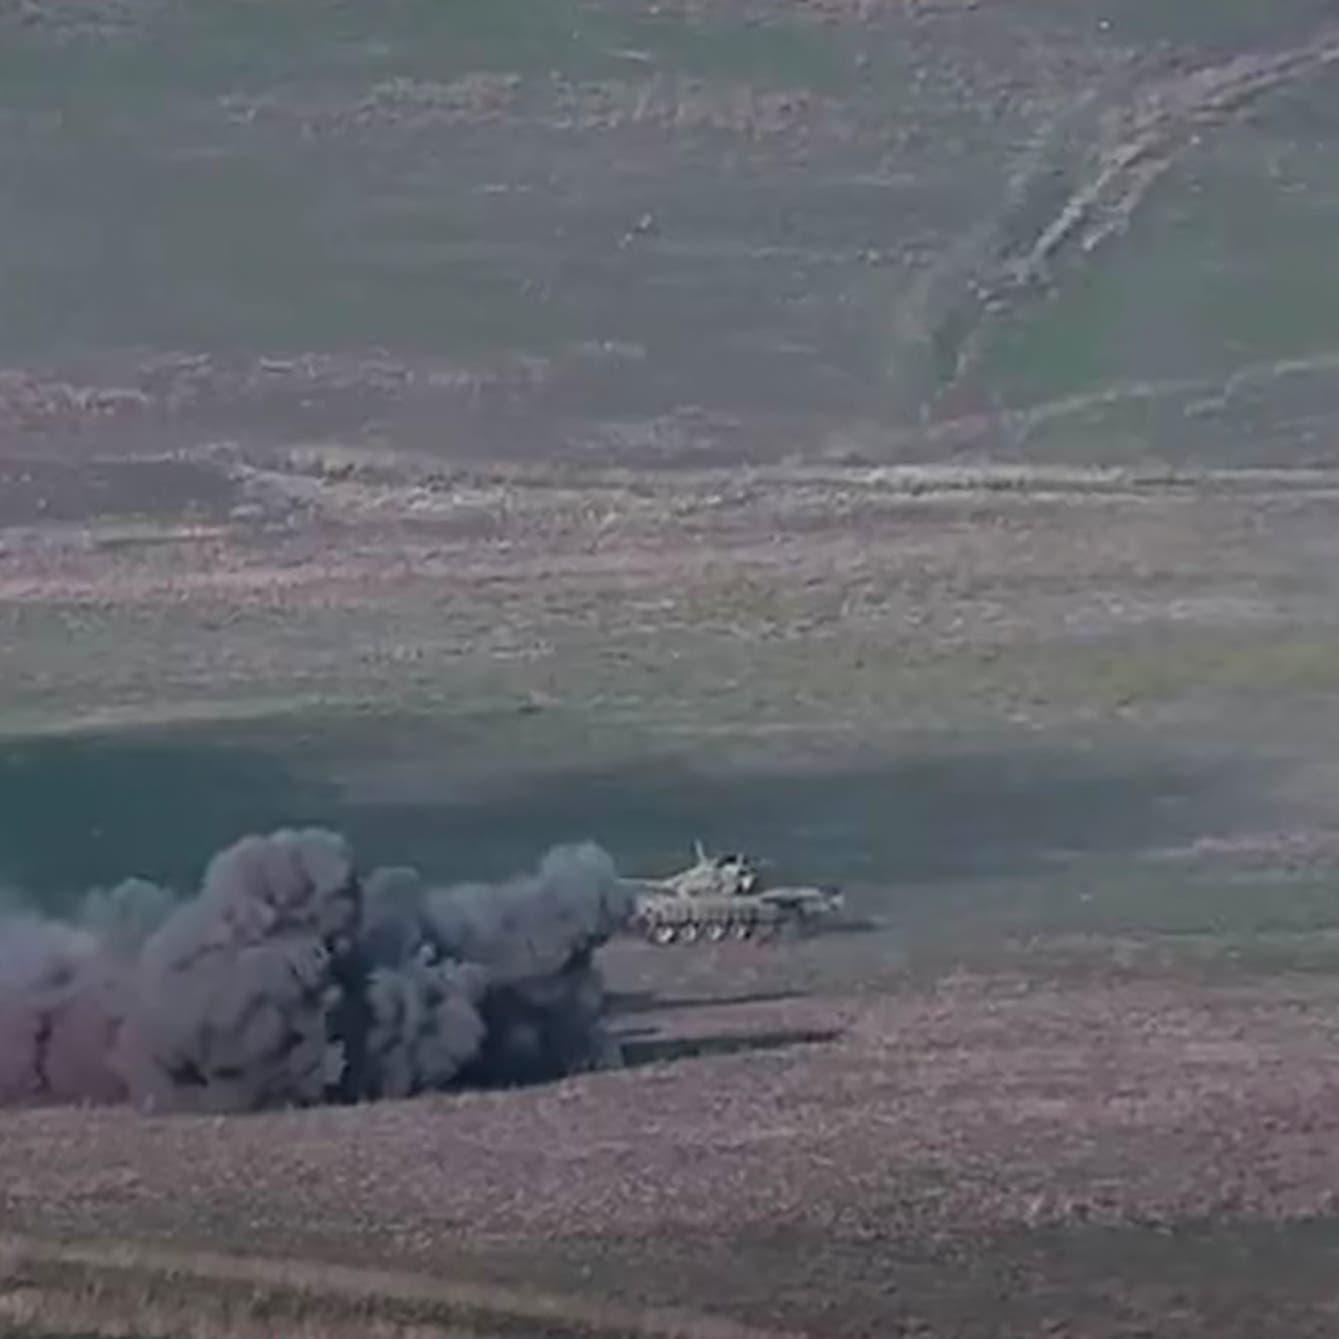 معارك طوال الليل بين أرمينيا وأذربيجان.. وعشرات القتلى